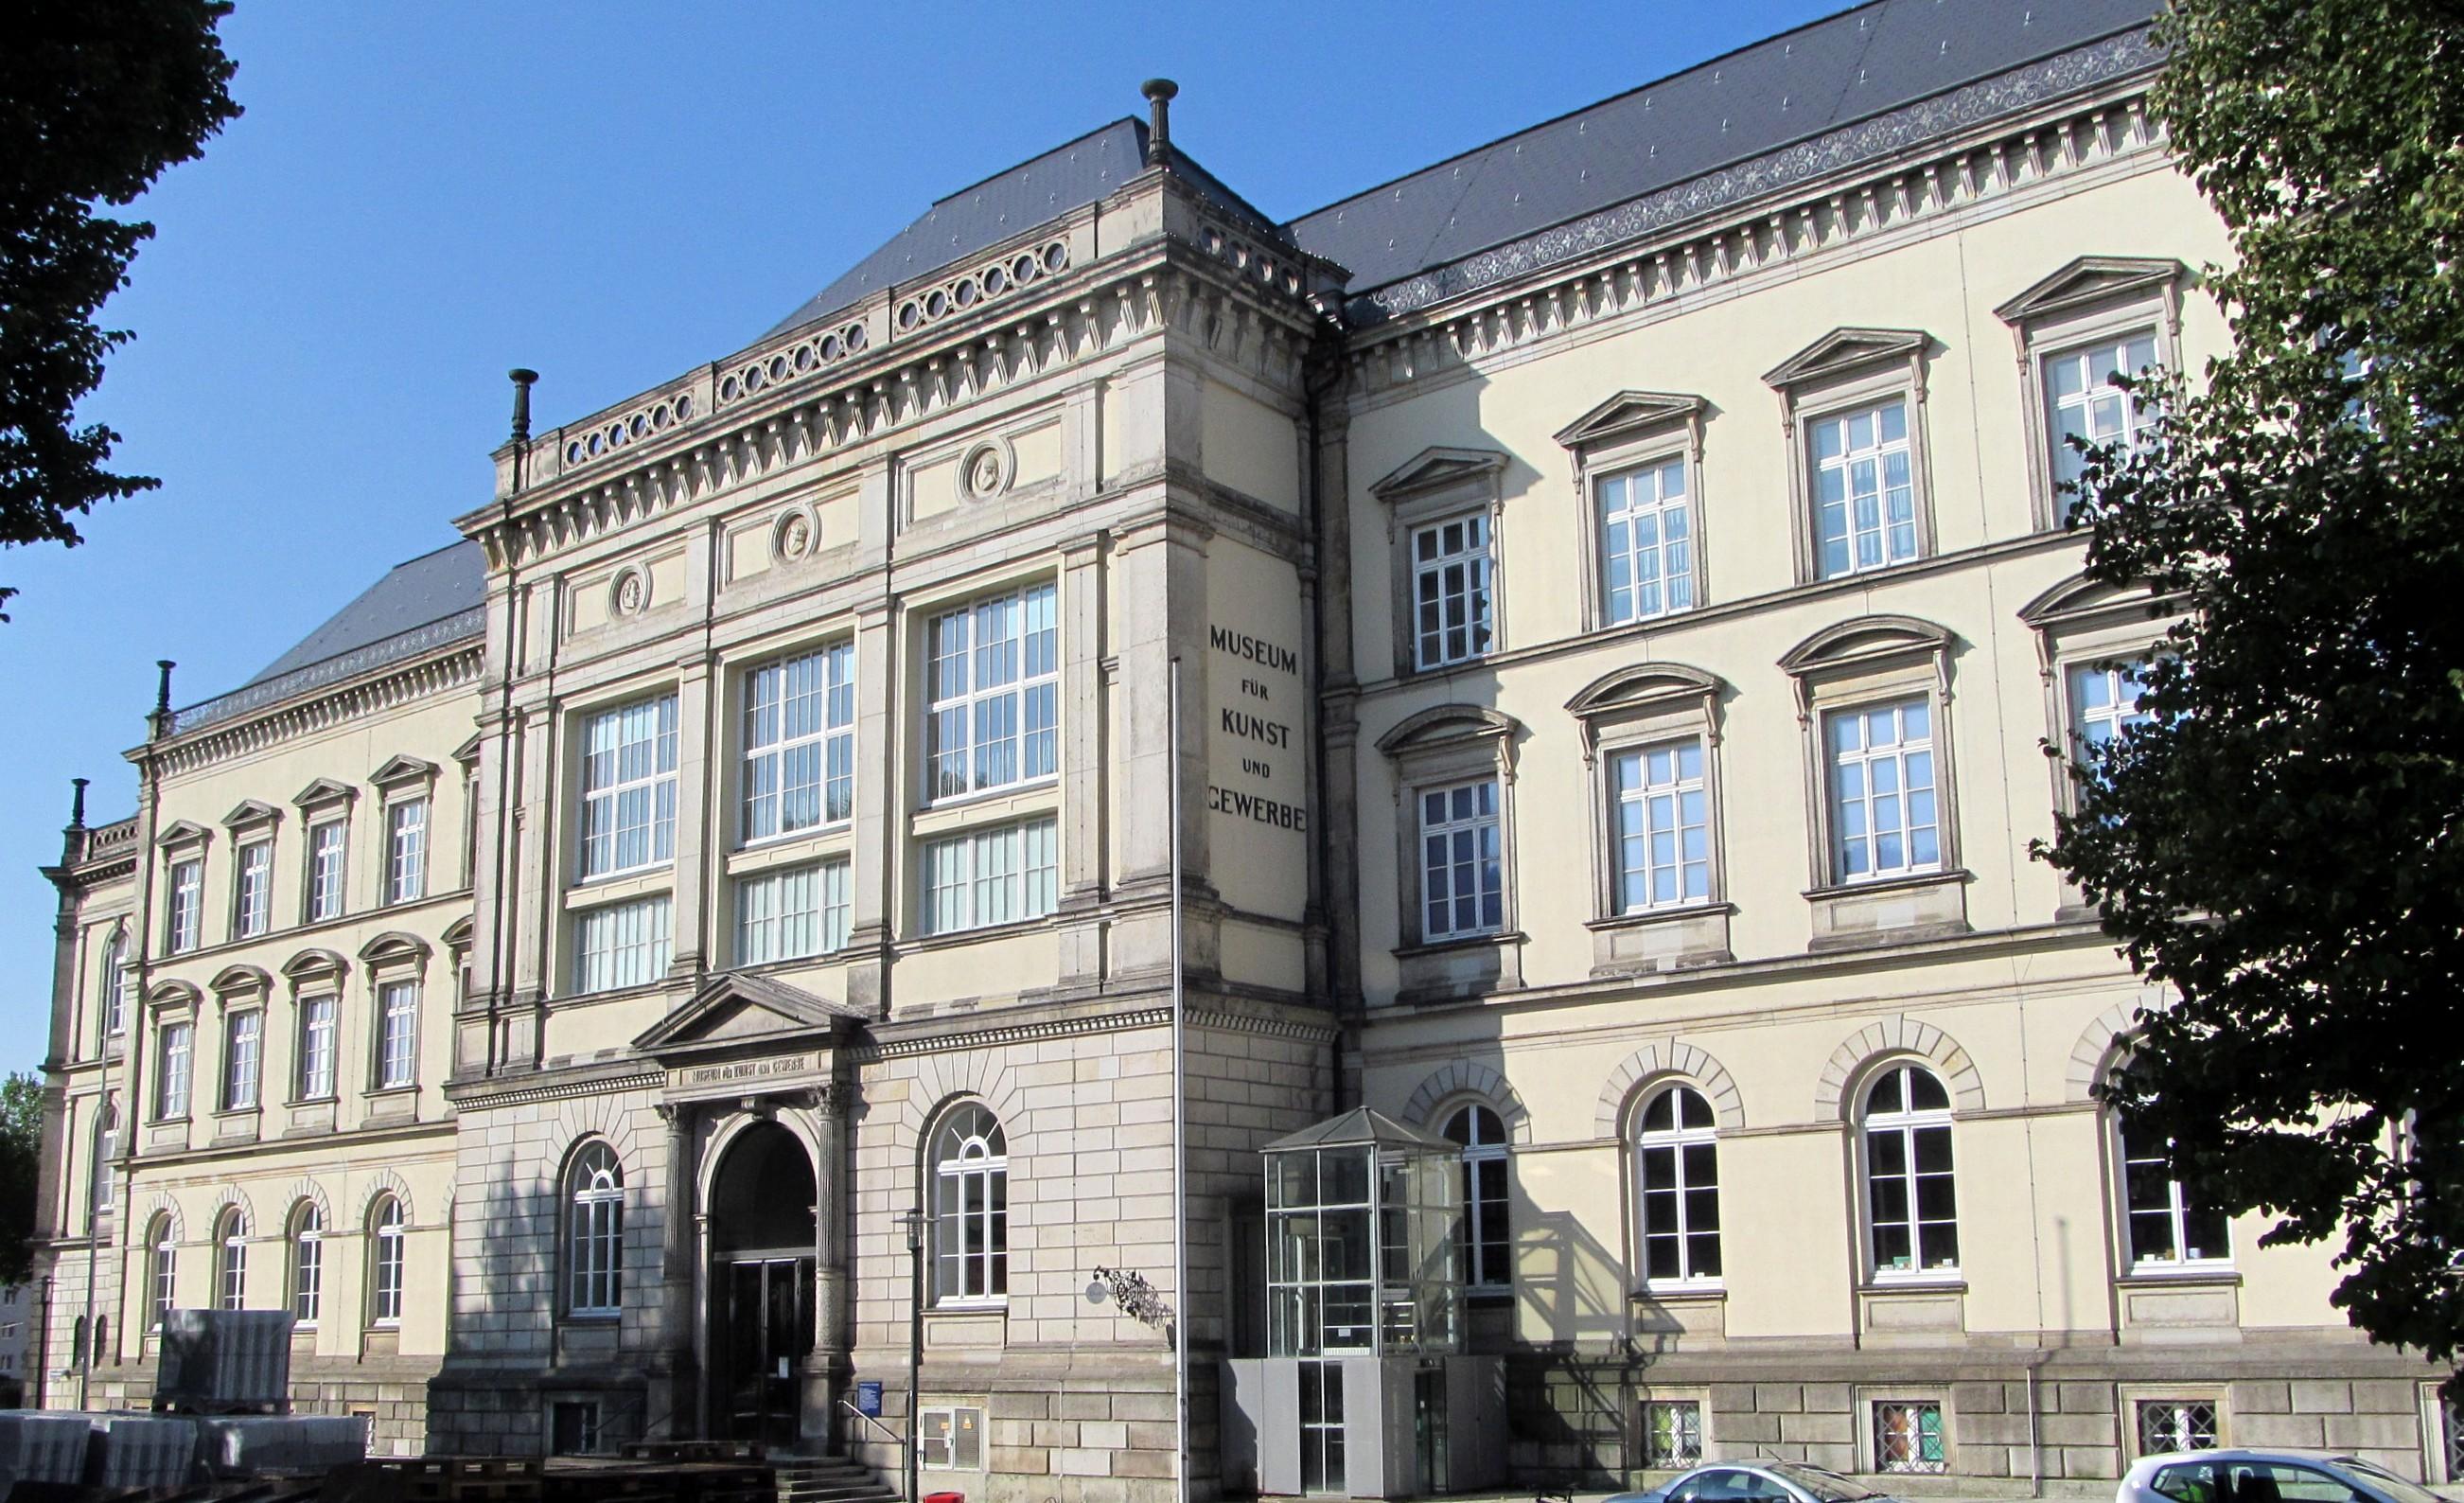 Onze vrouw in Hamburg: Het MKG – een kunstmuseum in de Nazitijd